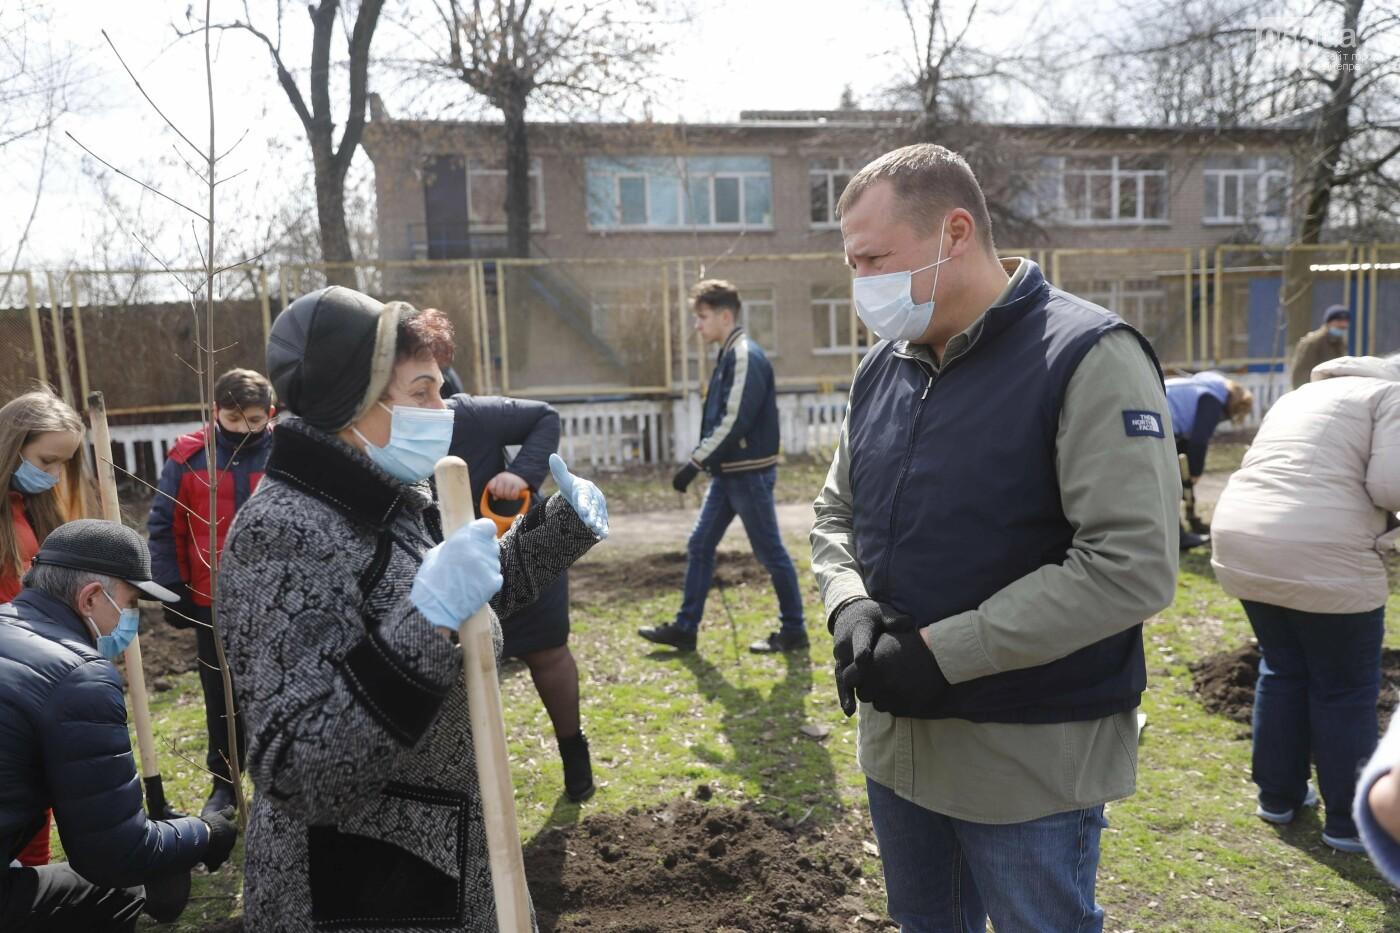 Днепр цветущий: дети и горожане элегантного возраста вместе высаживают деревья для нового сквера, фото-1